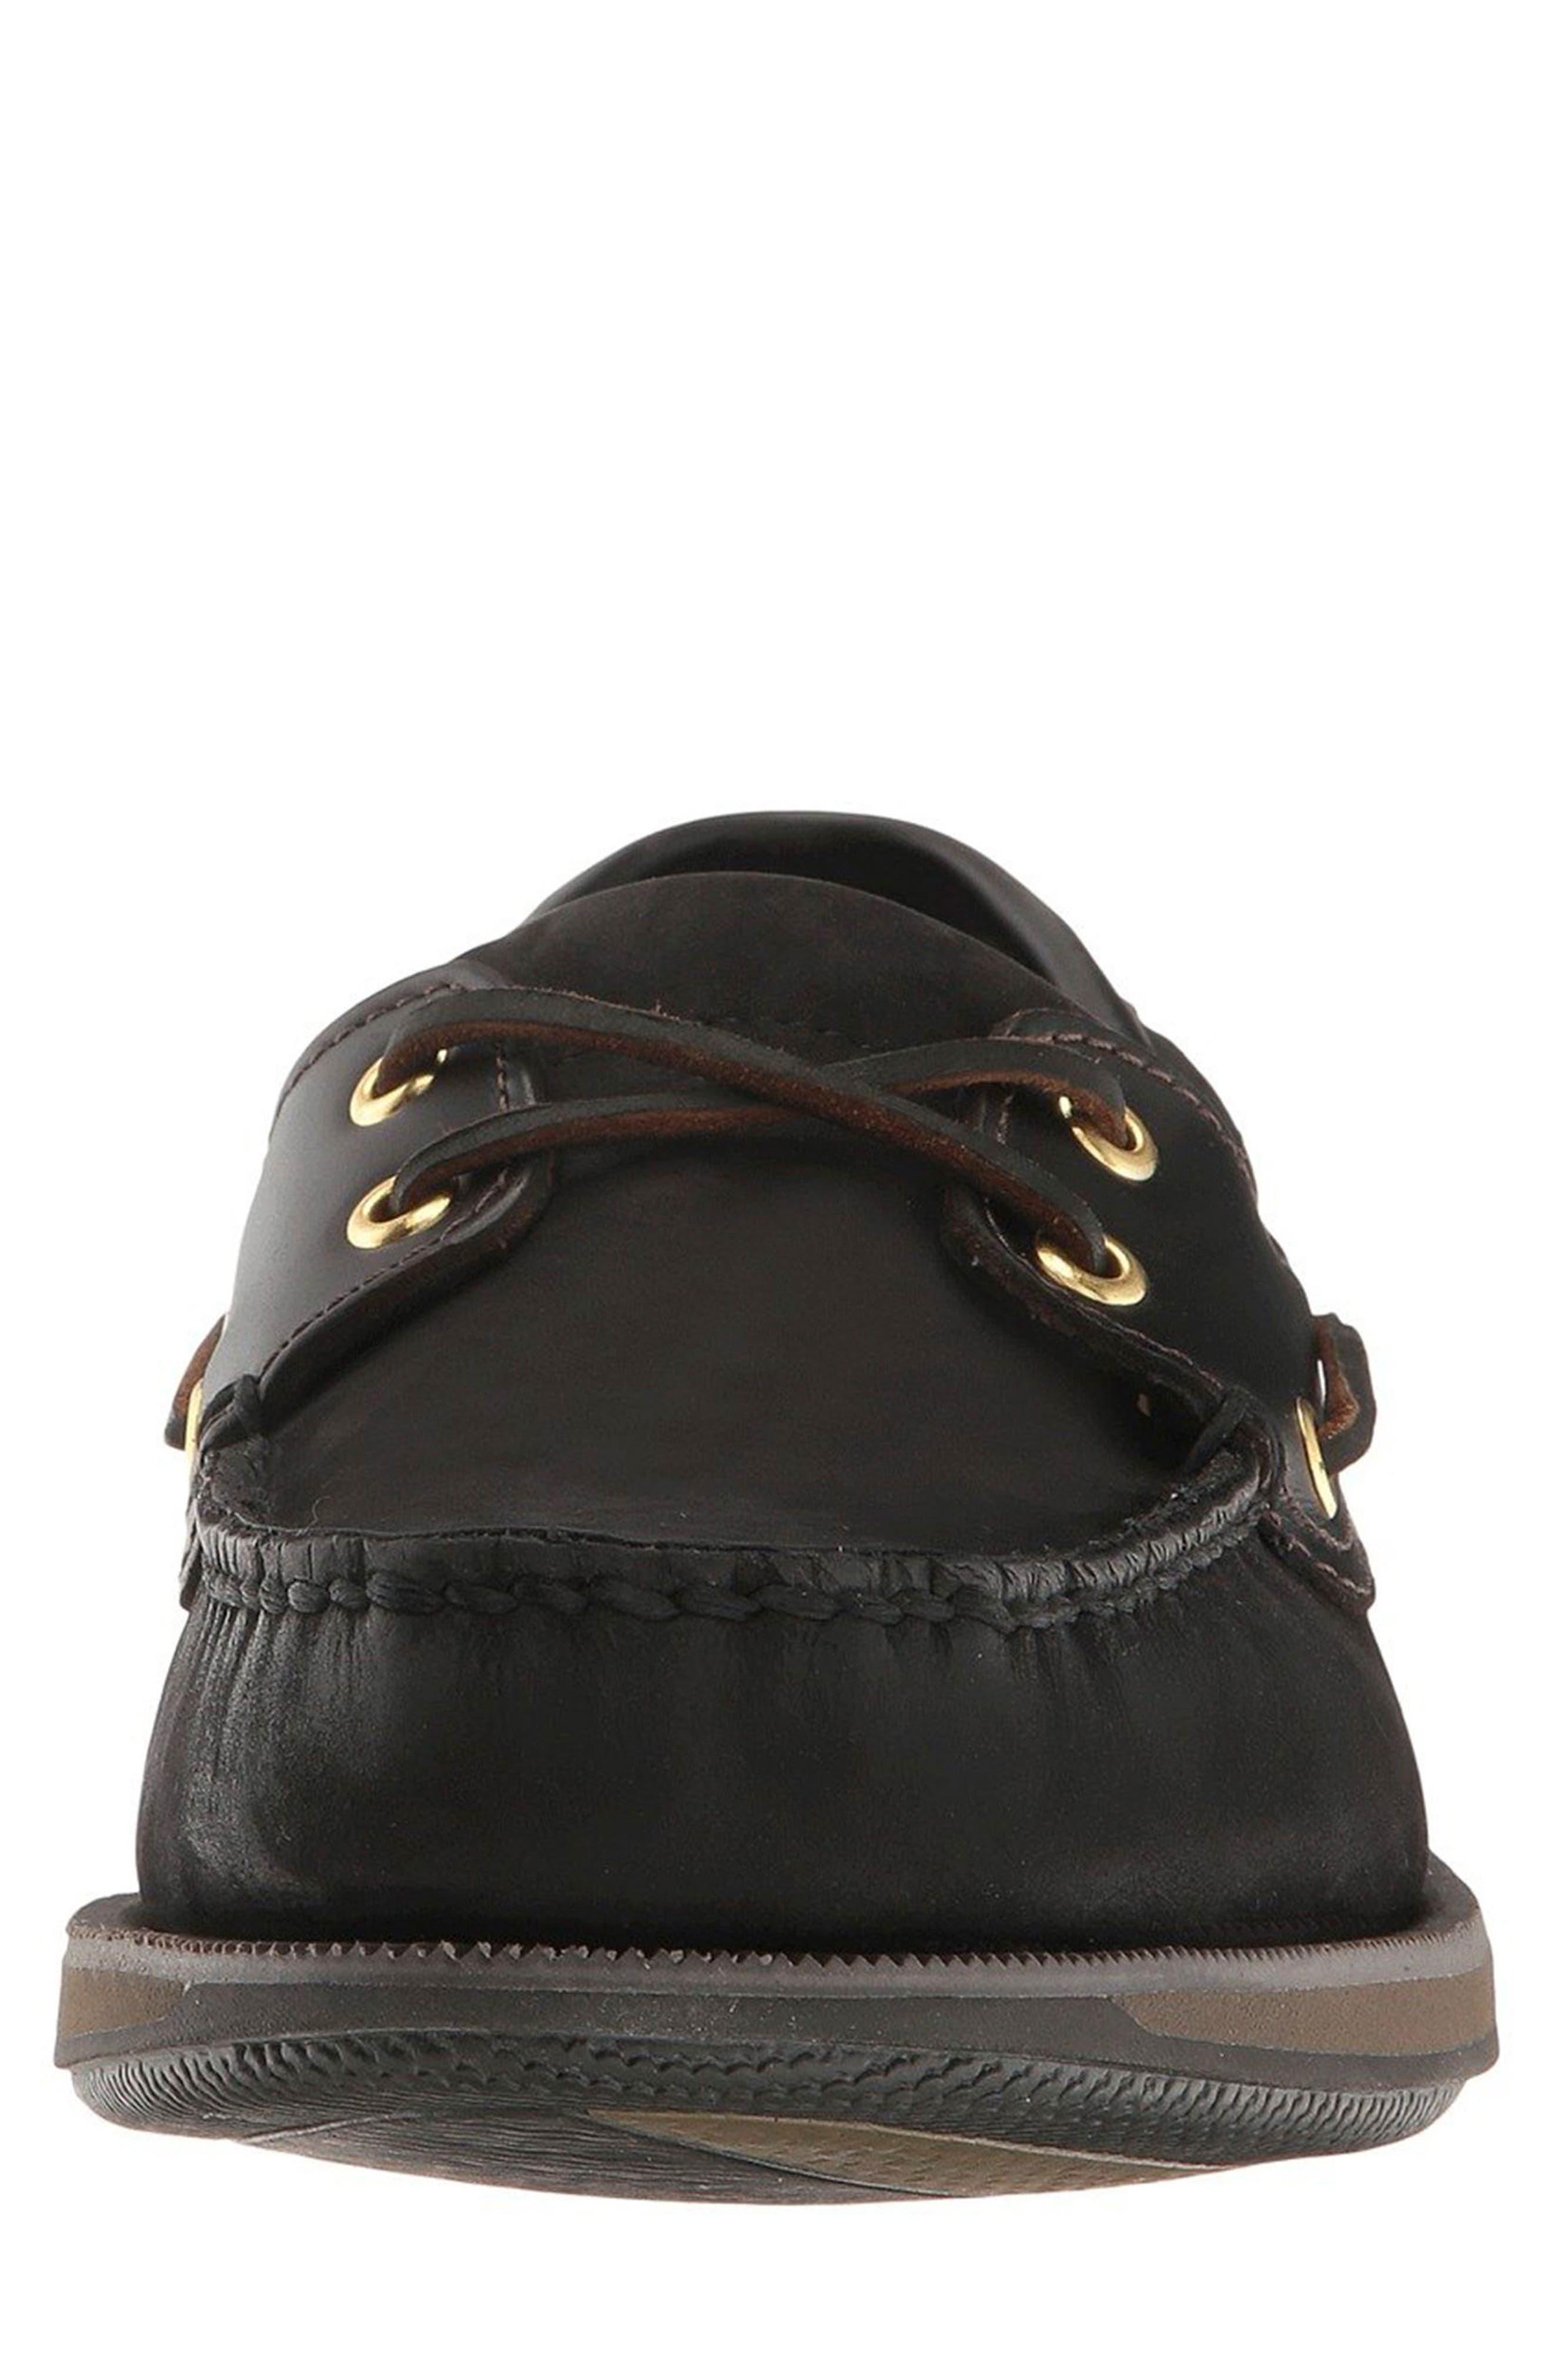 'Perth' Boat Shoe,                             Alternate thumbnail 4, color,                             BLACK/ BARK LEATHER